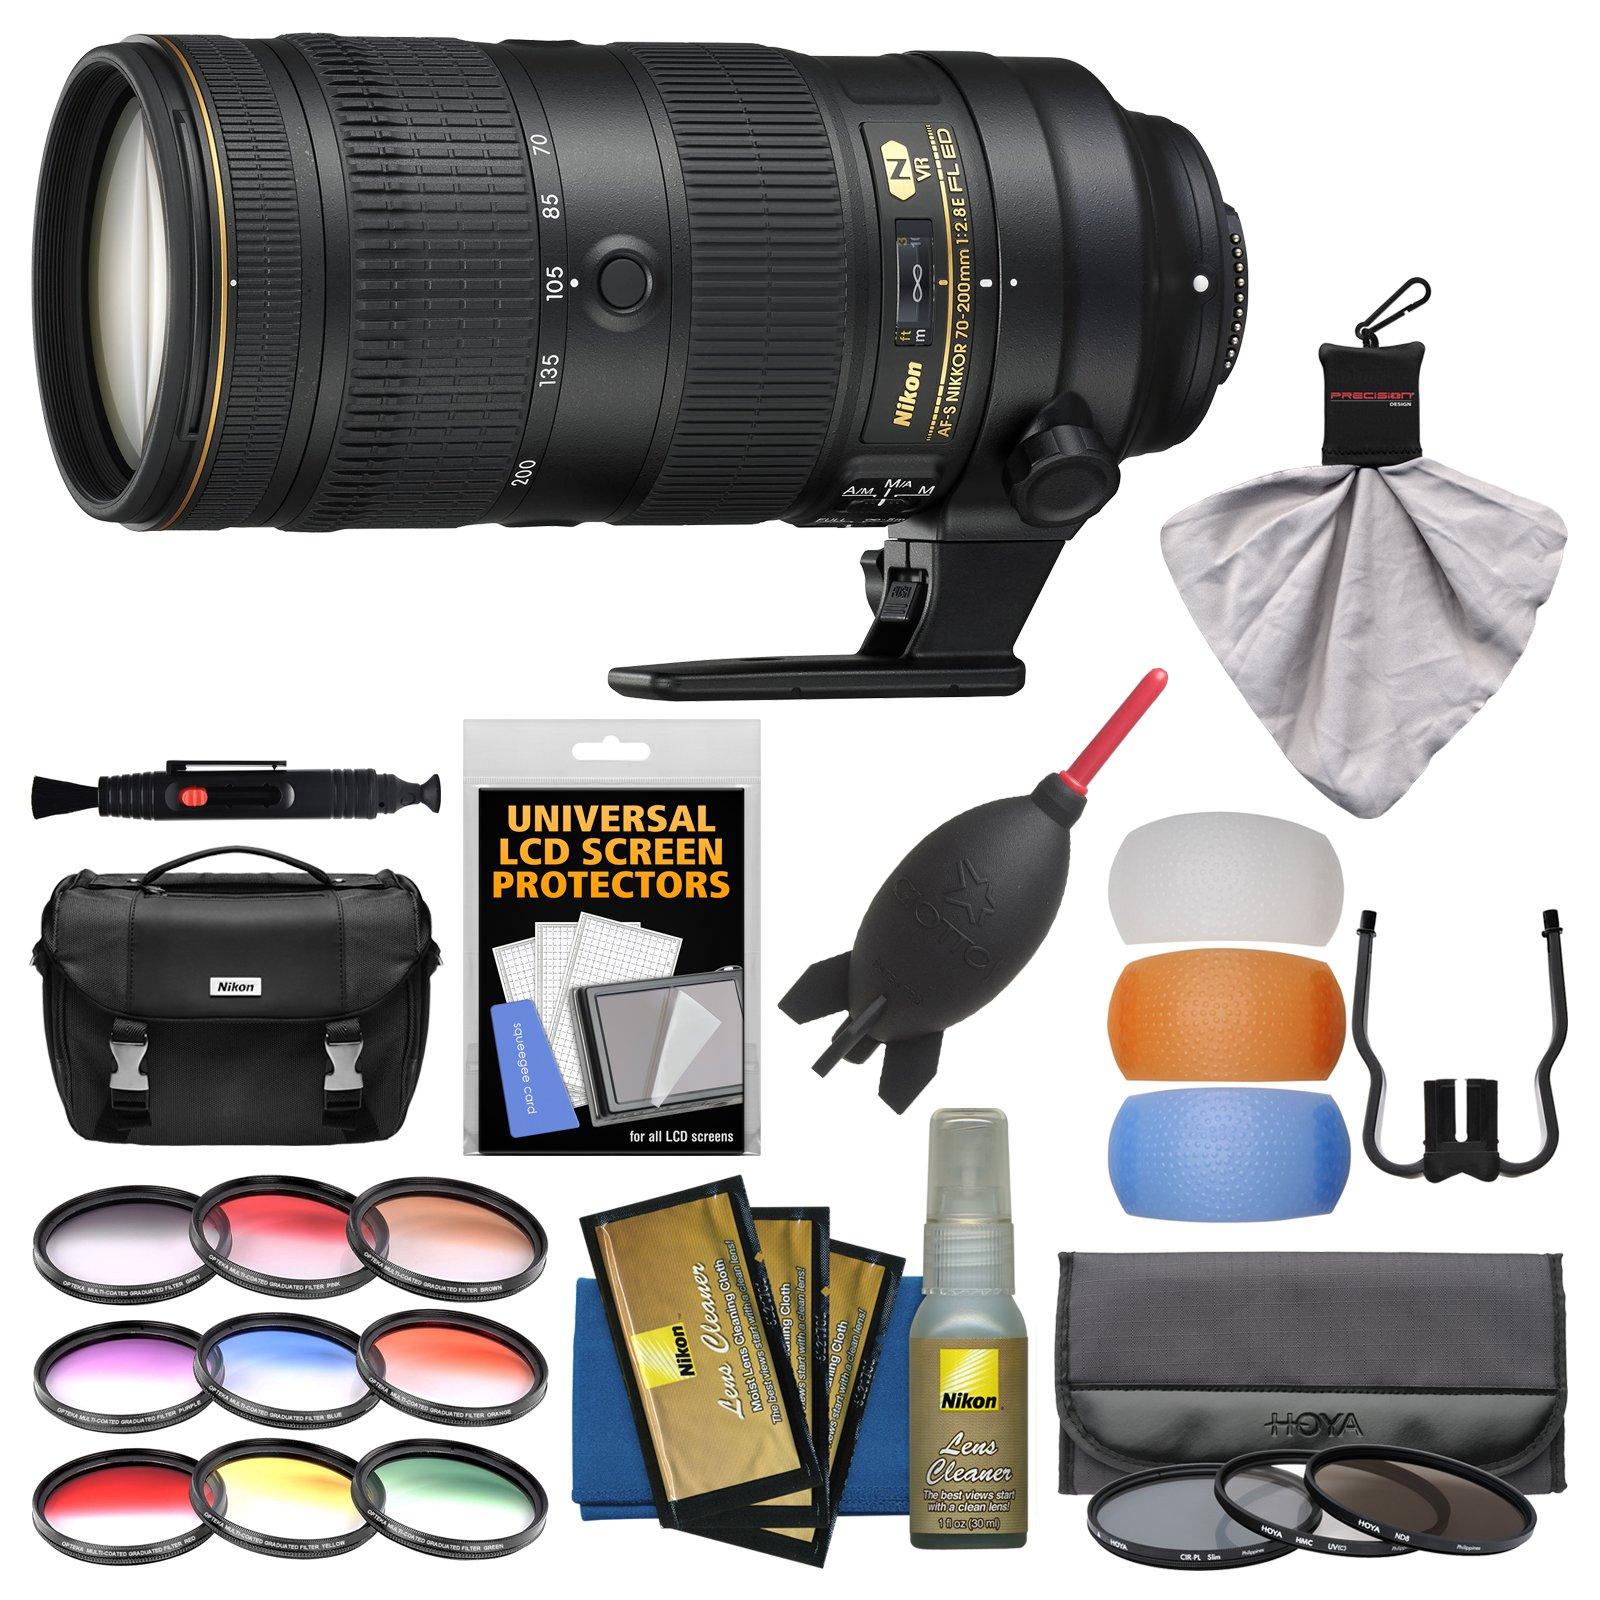 Nikon 70-200mm f/2.8E FL VR AF-S ED Zoom-Nikkor Lens with Case + 3 UV/CPL/ND8 Hoya & 9 Color Filters + Kit